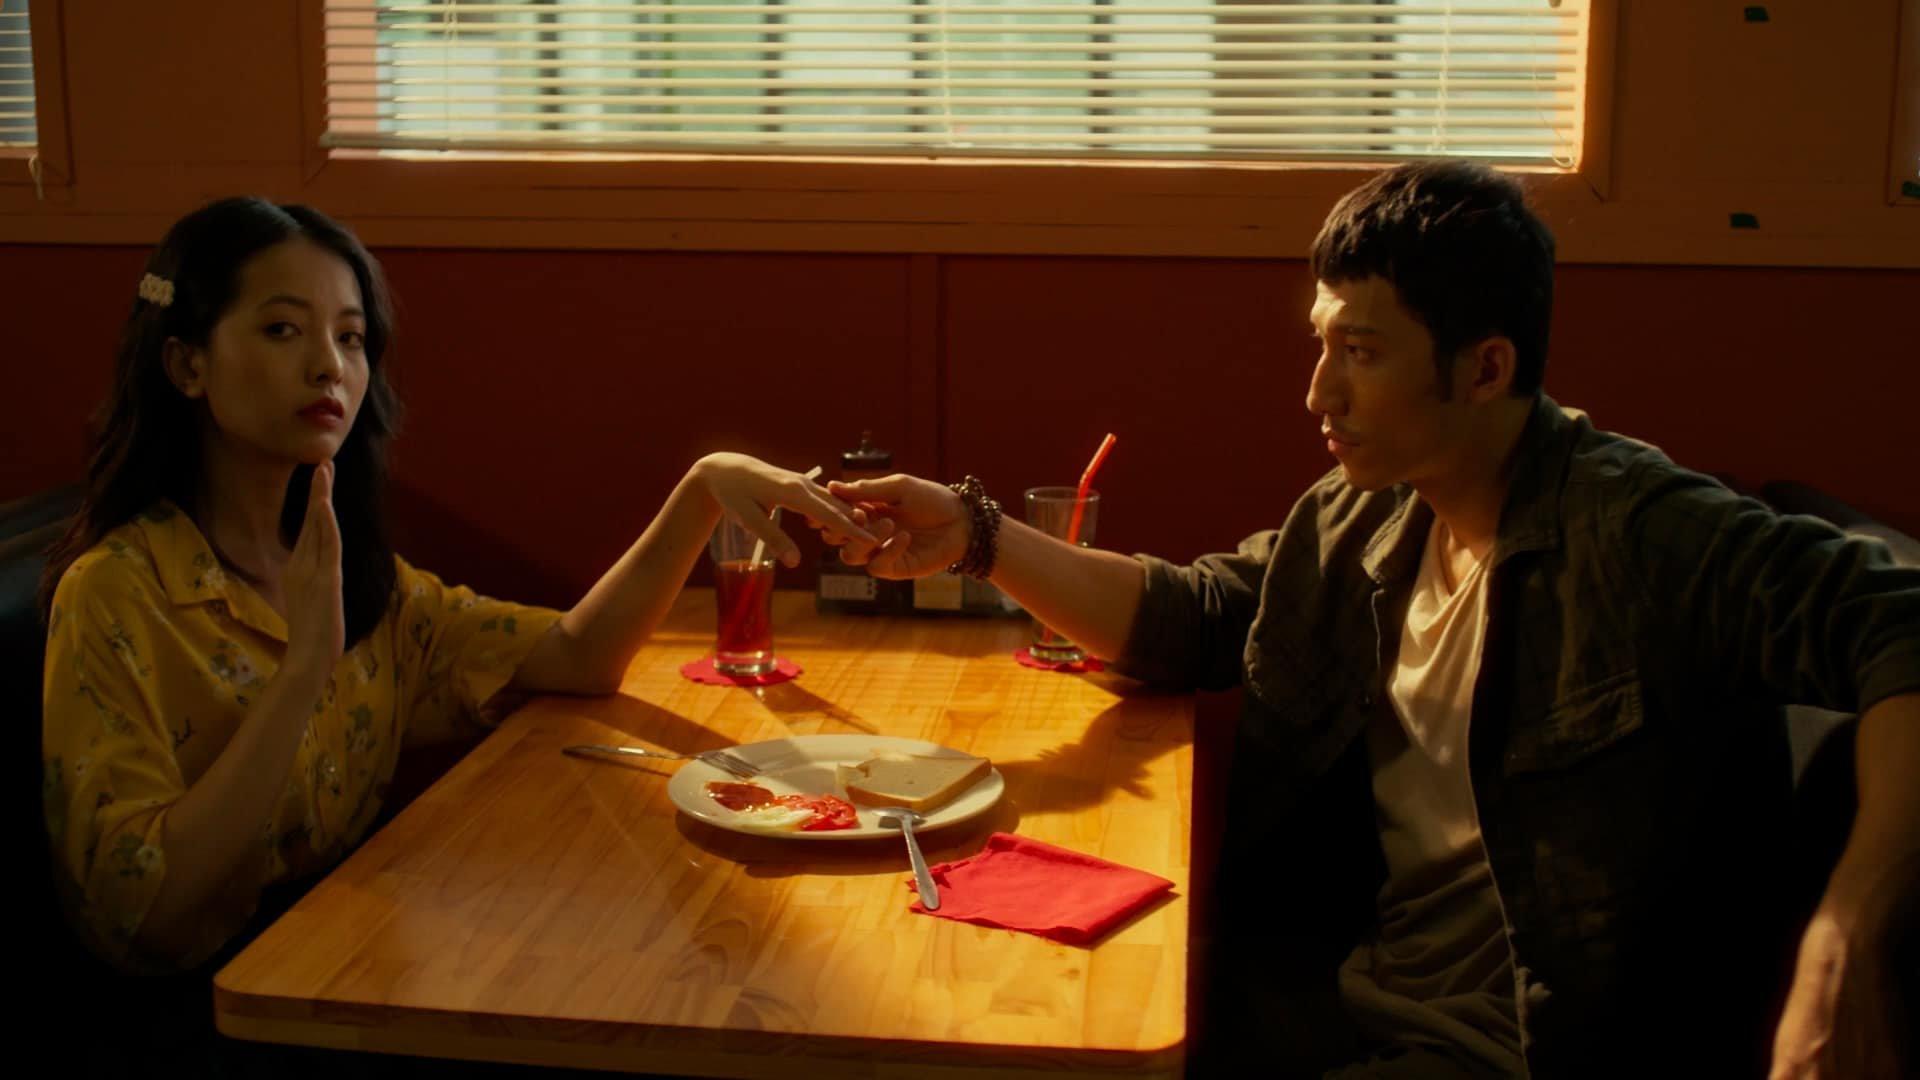 Liên Bỉnh Phát – Yu Dương lần đầu nên duyên trong phim điện ảnh kinh dị chiếu mạng - hình ảnh 8